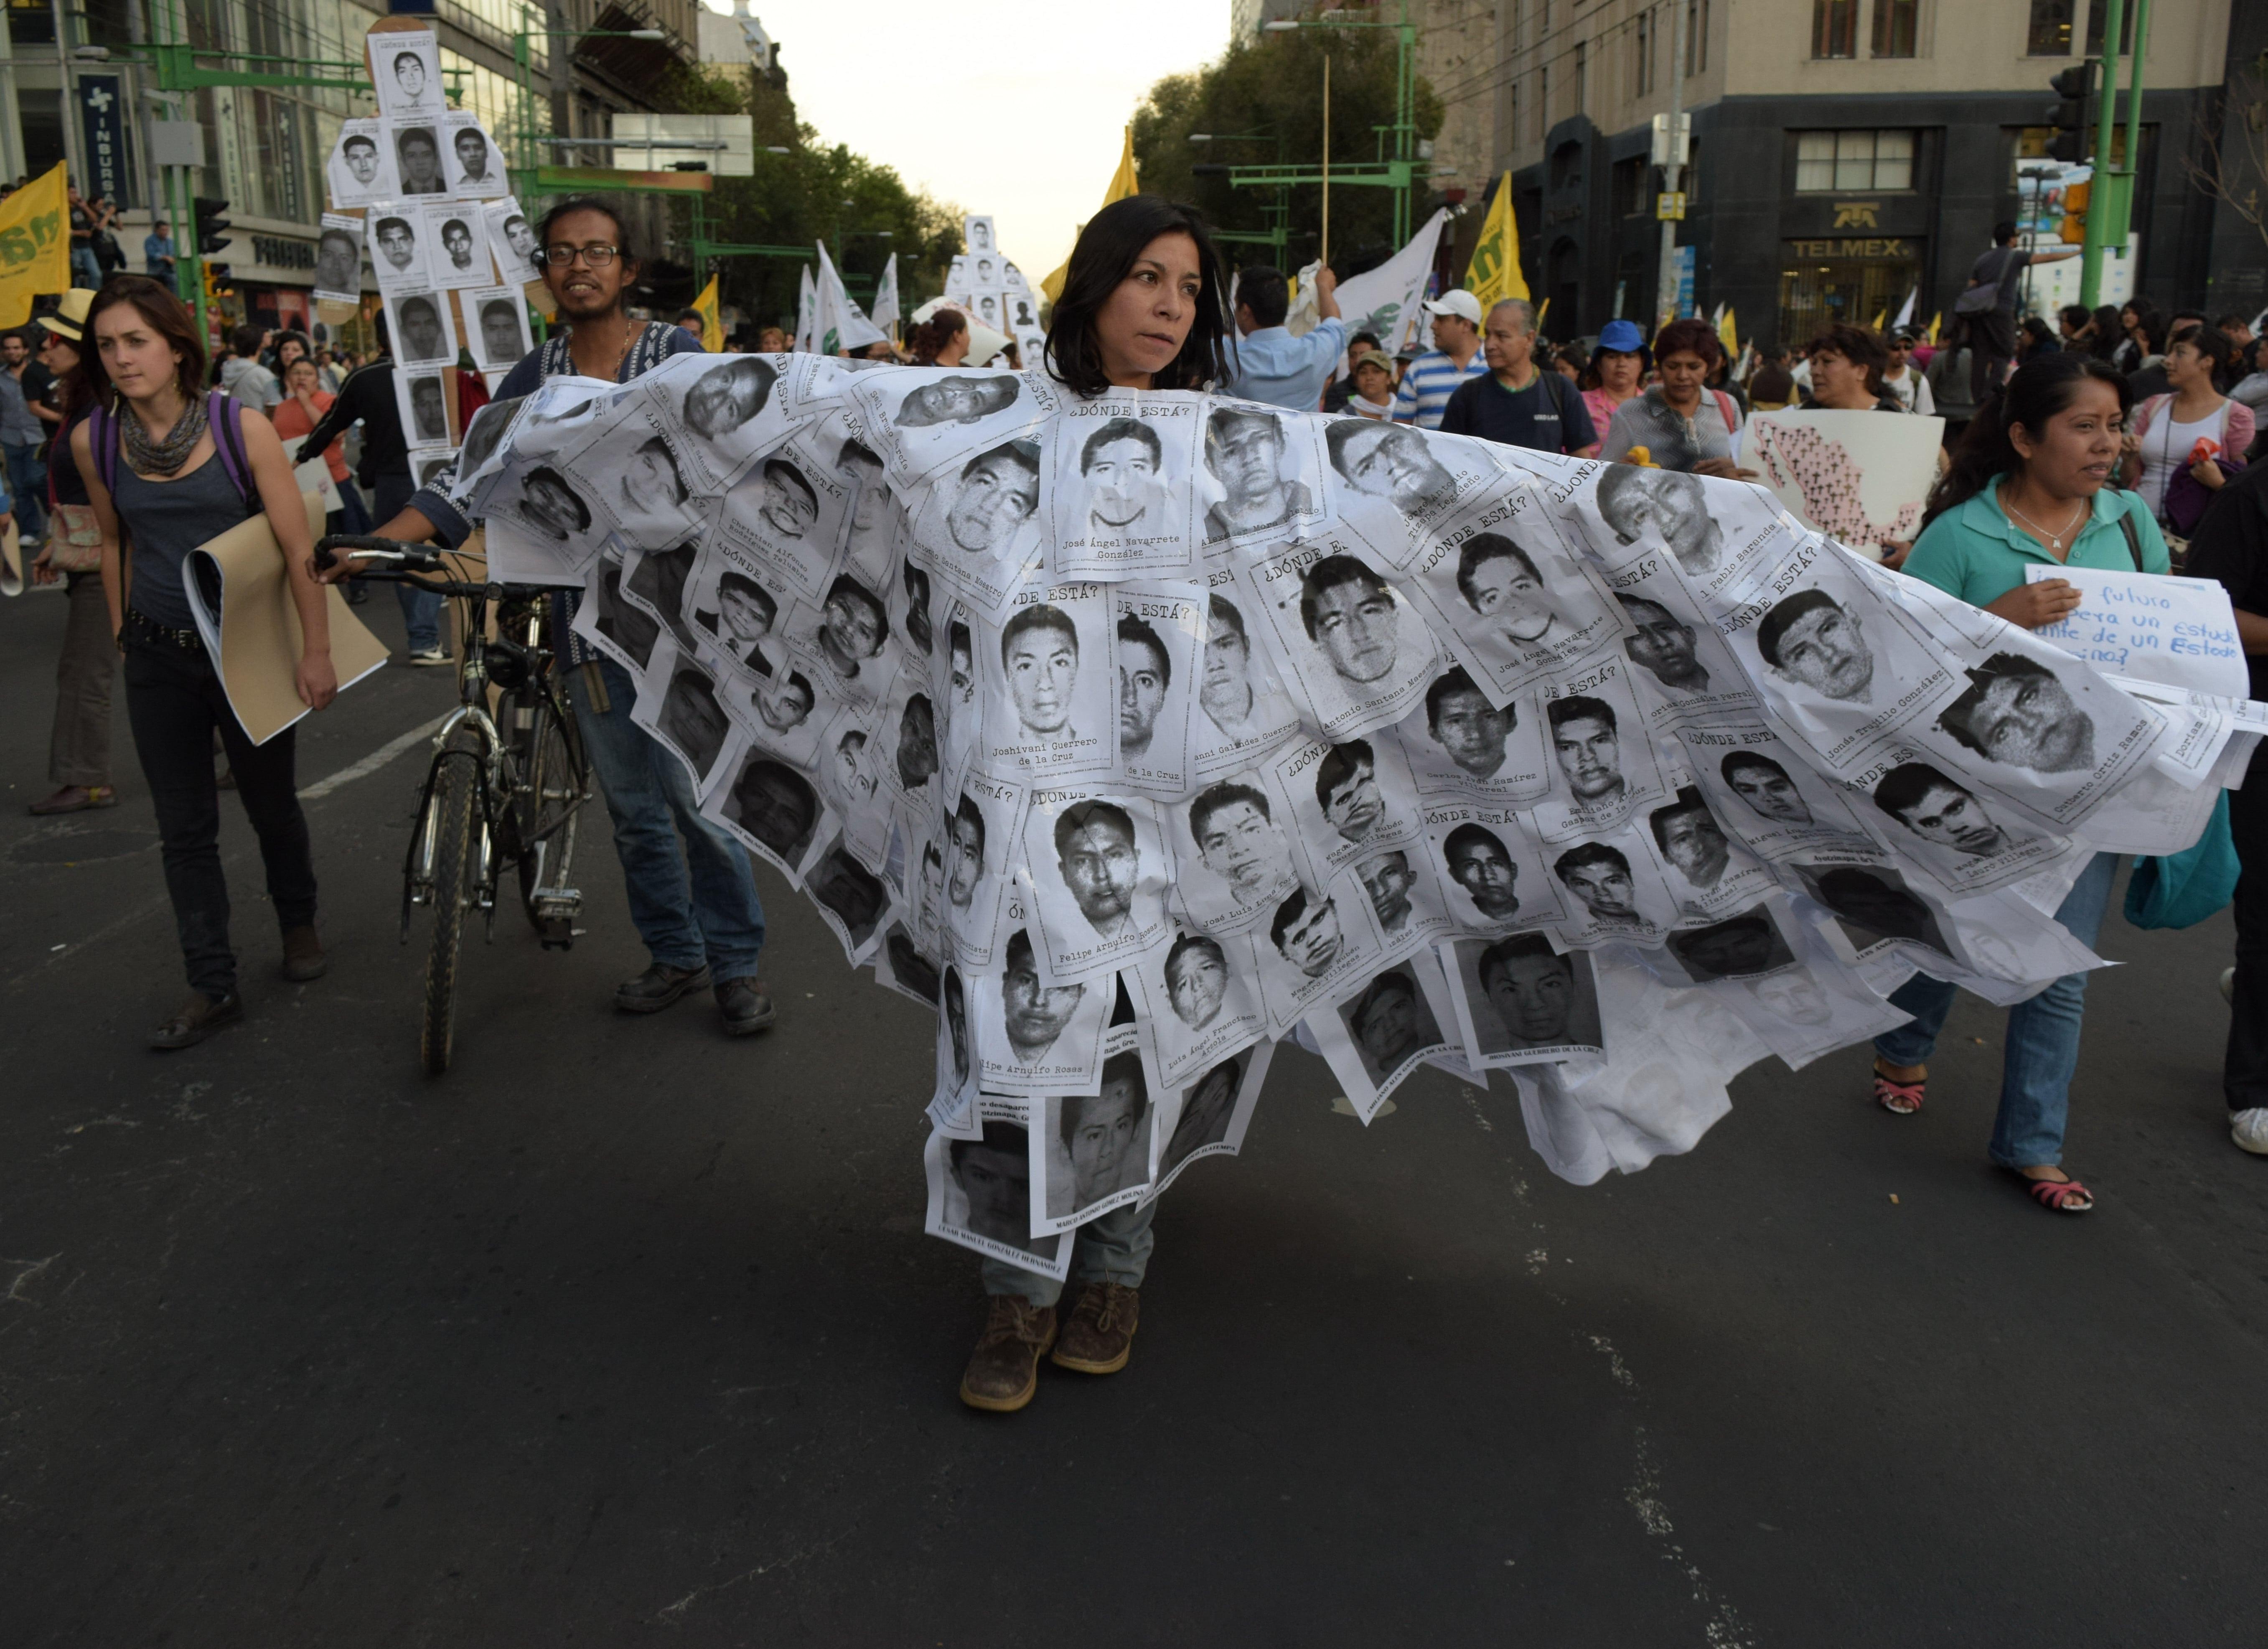 15.000 persone in marcia contro la sparizione degli studenti di Ayotzinapa. 8 ottobre 2014, Enrique Perez Huerta su copyright Demotix.